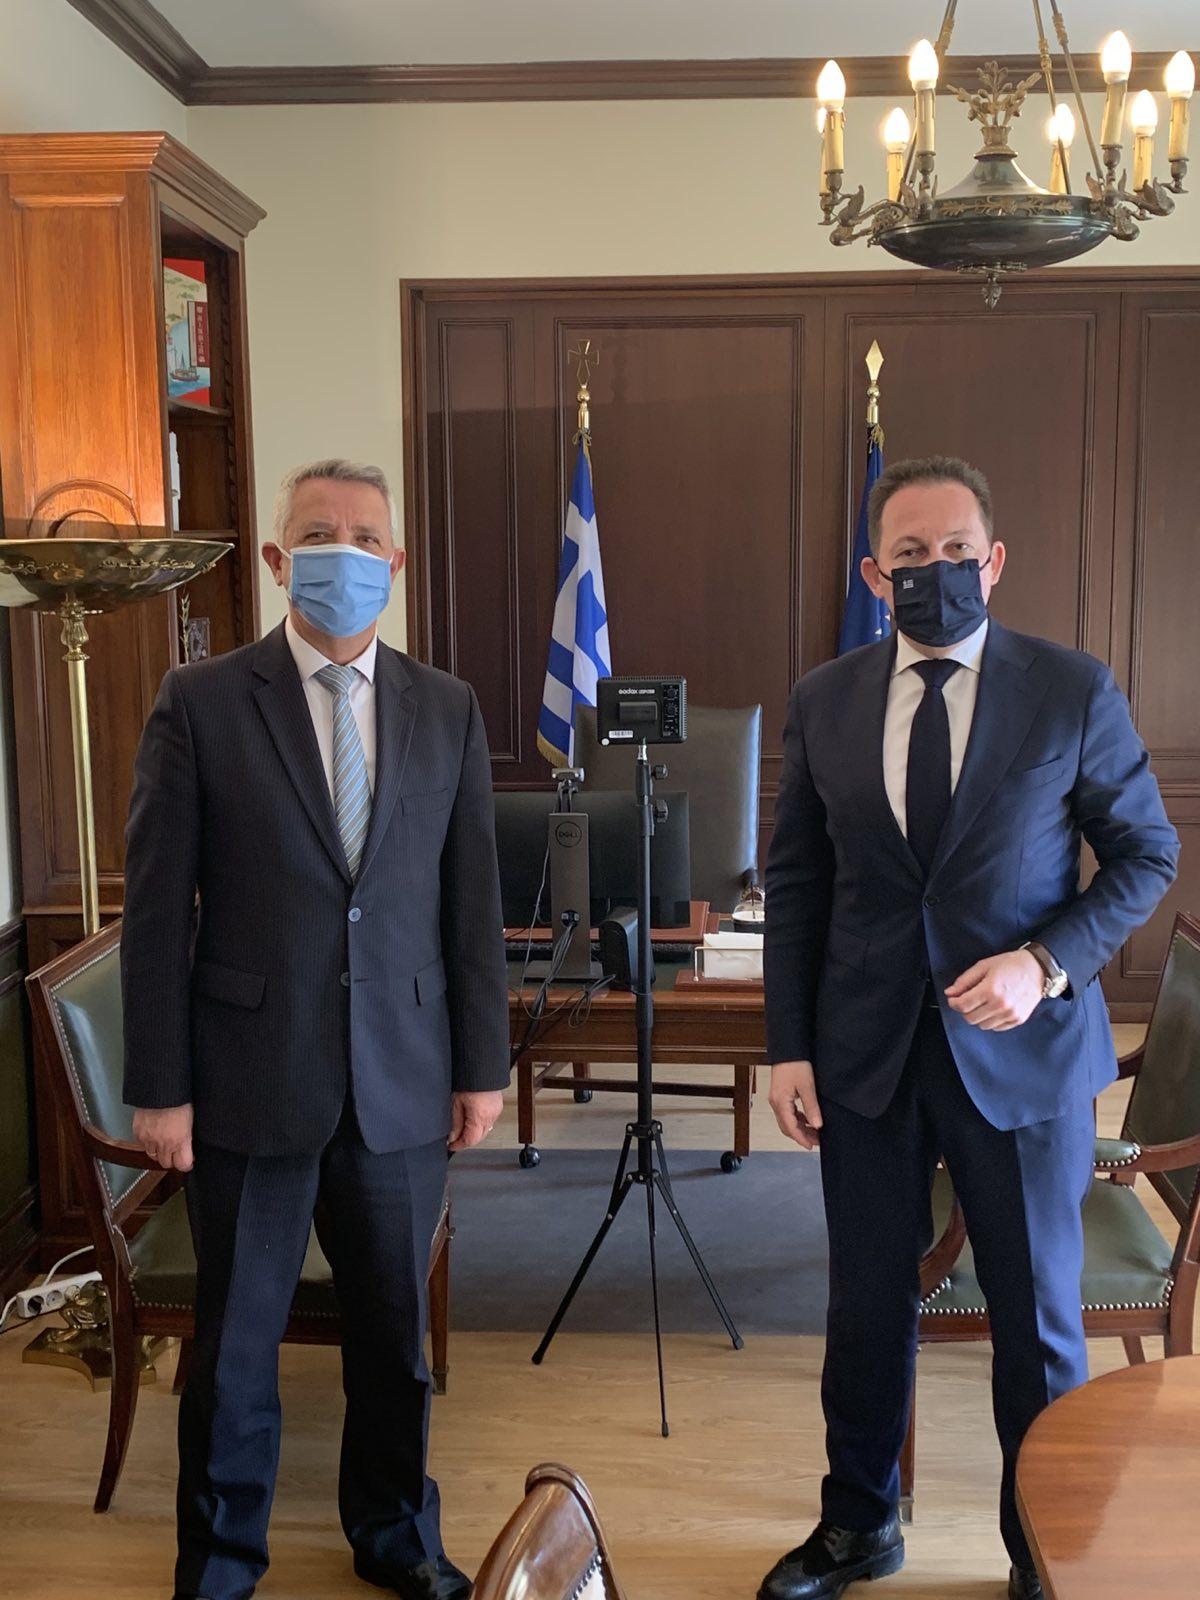 Νέα συνάντηση Δημάρχου Μαρκοπούλου με τον Αν. Υπουργό Εσωτερικών Στέλιο Πέτσα